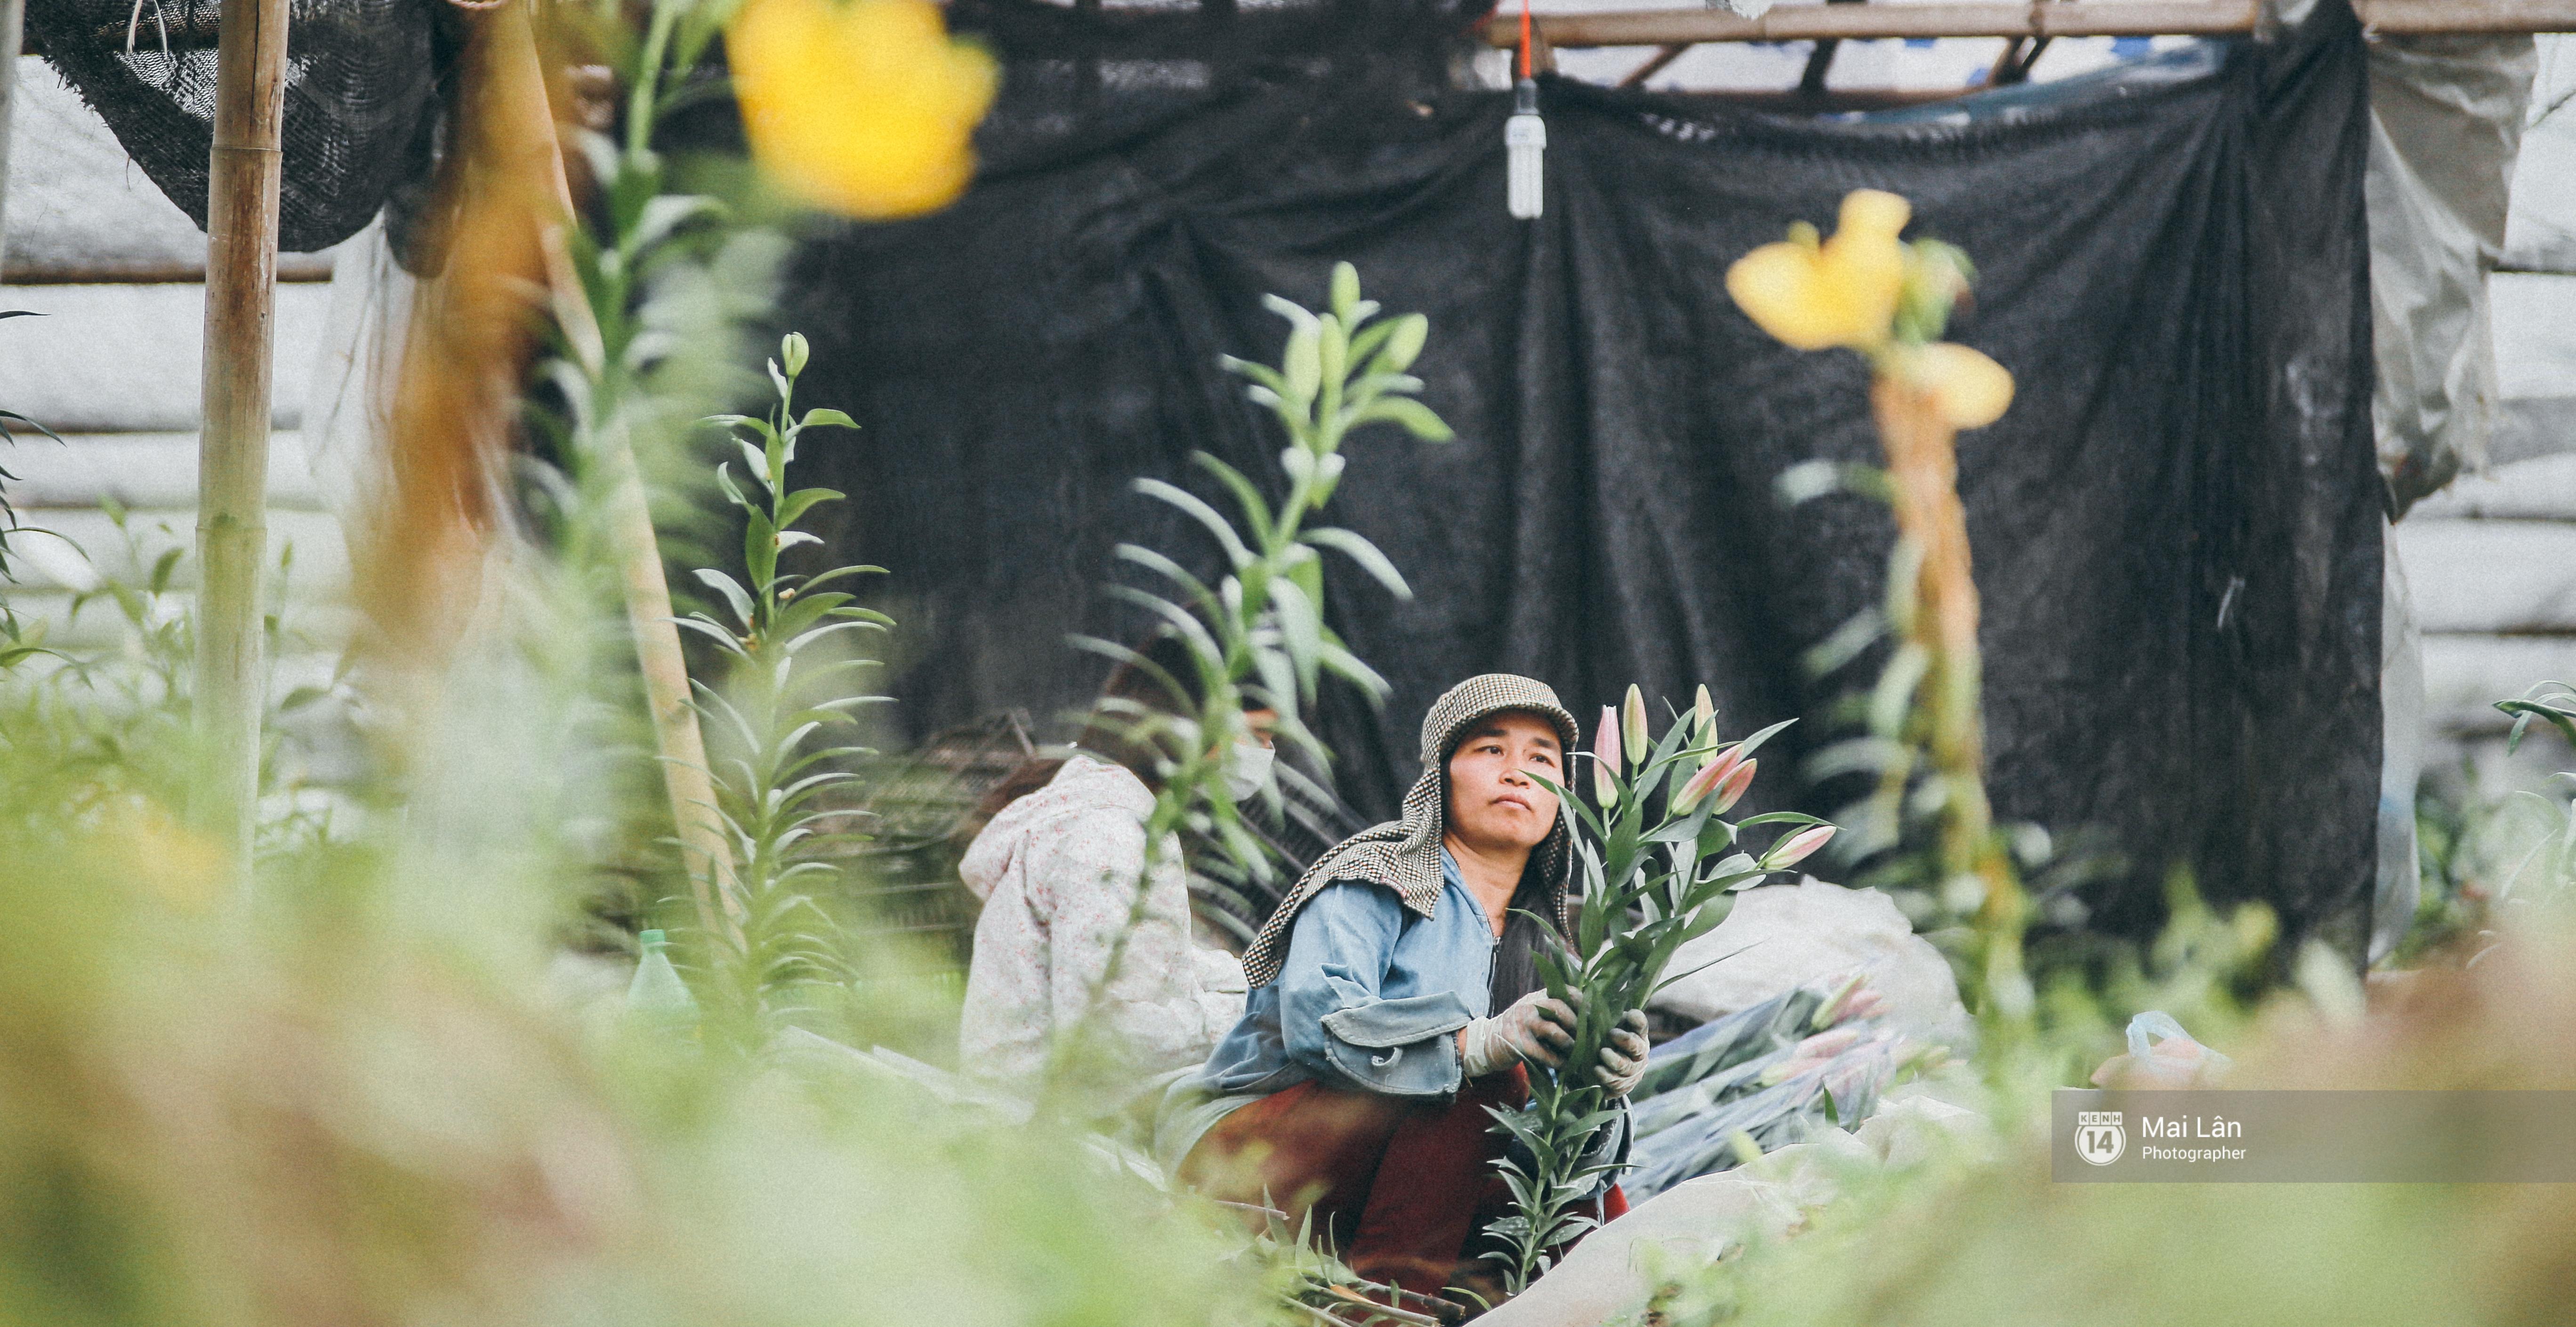 Mùa đông quá ngắn, bạn buồn vì không được mặc đồ lạnh, còn với các làng hoa ở Hà Nội - họ mất Tết! - Ảnh 7.